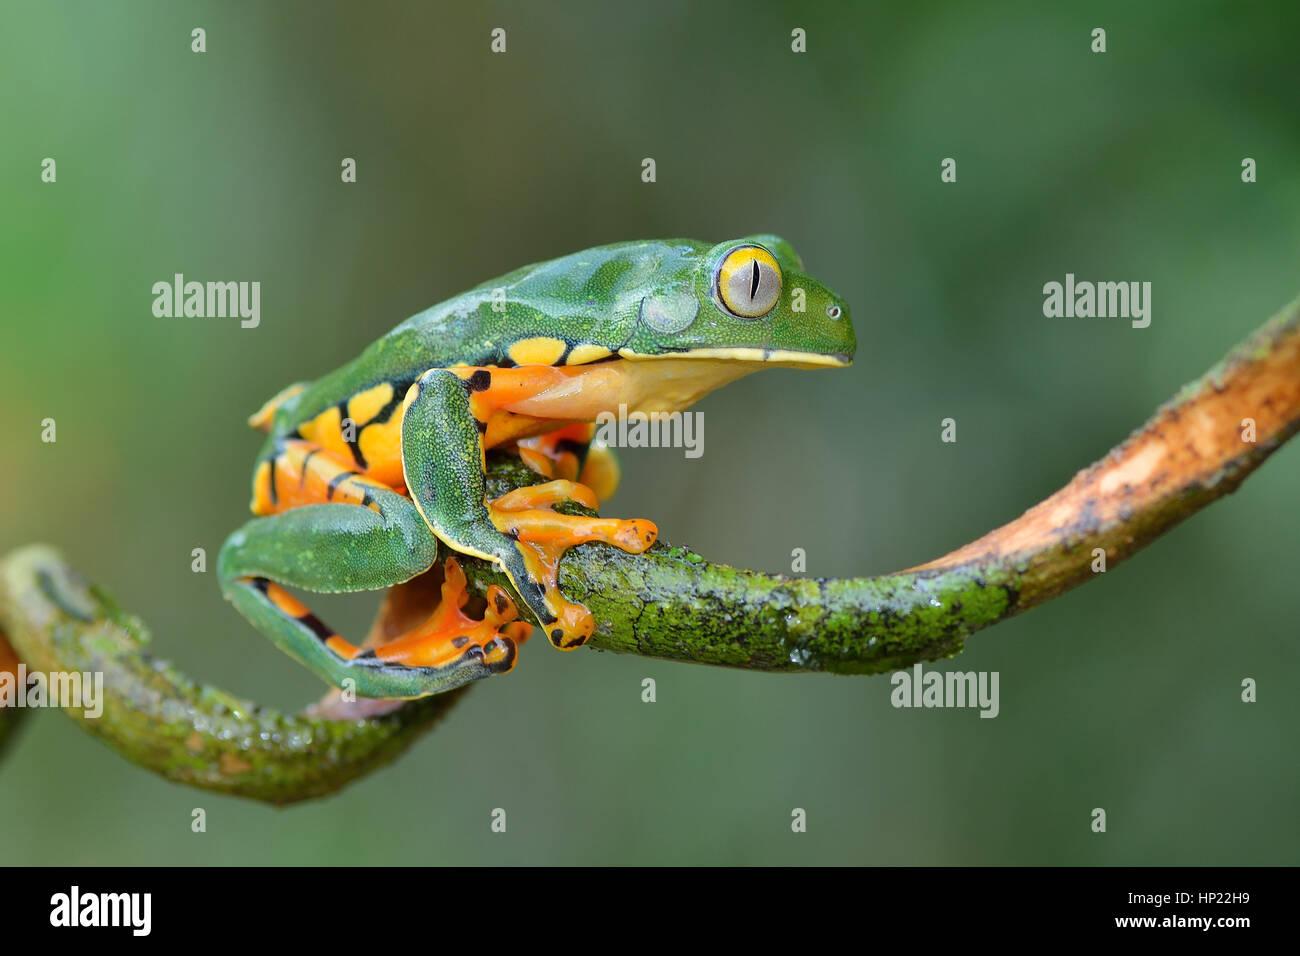 Eine seltene herrliche Blatt Frosch im Tieflandregenwald Costa Rica Stockfoto